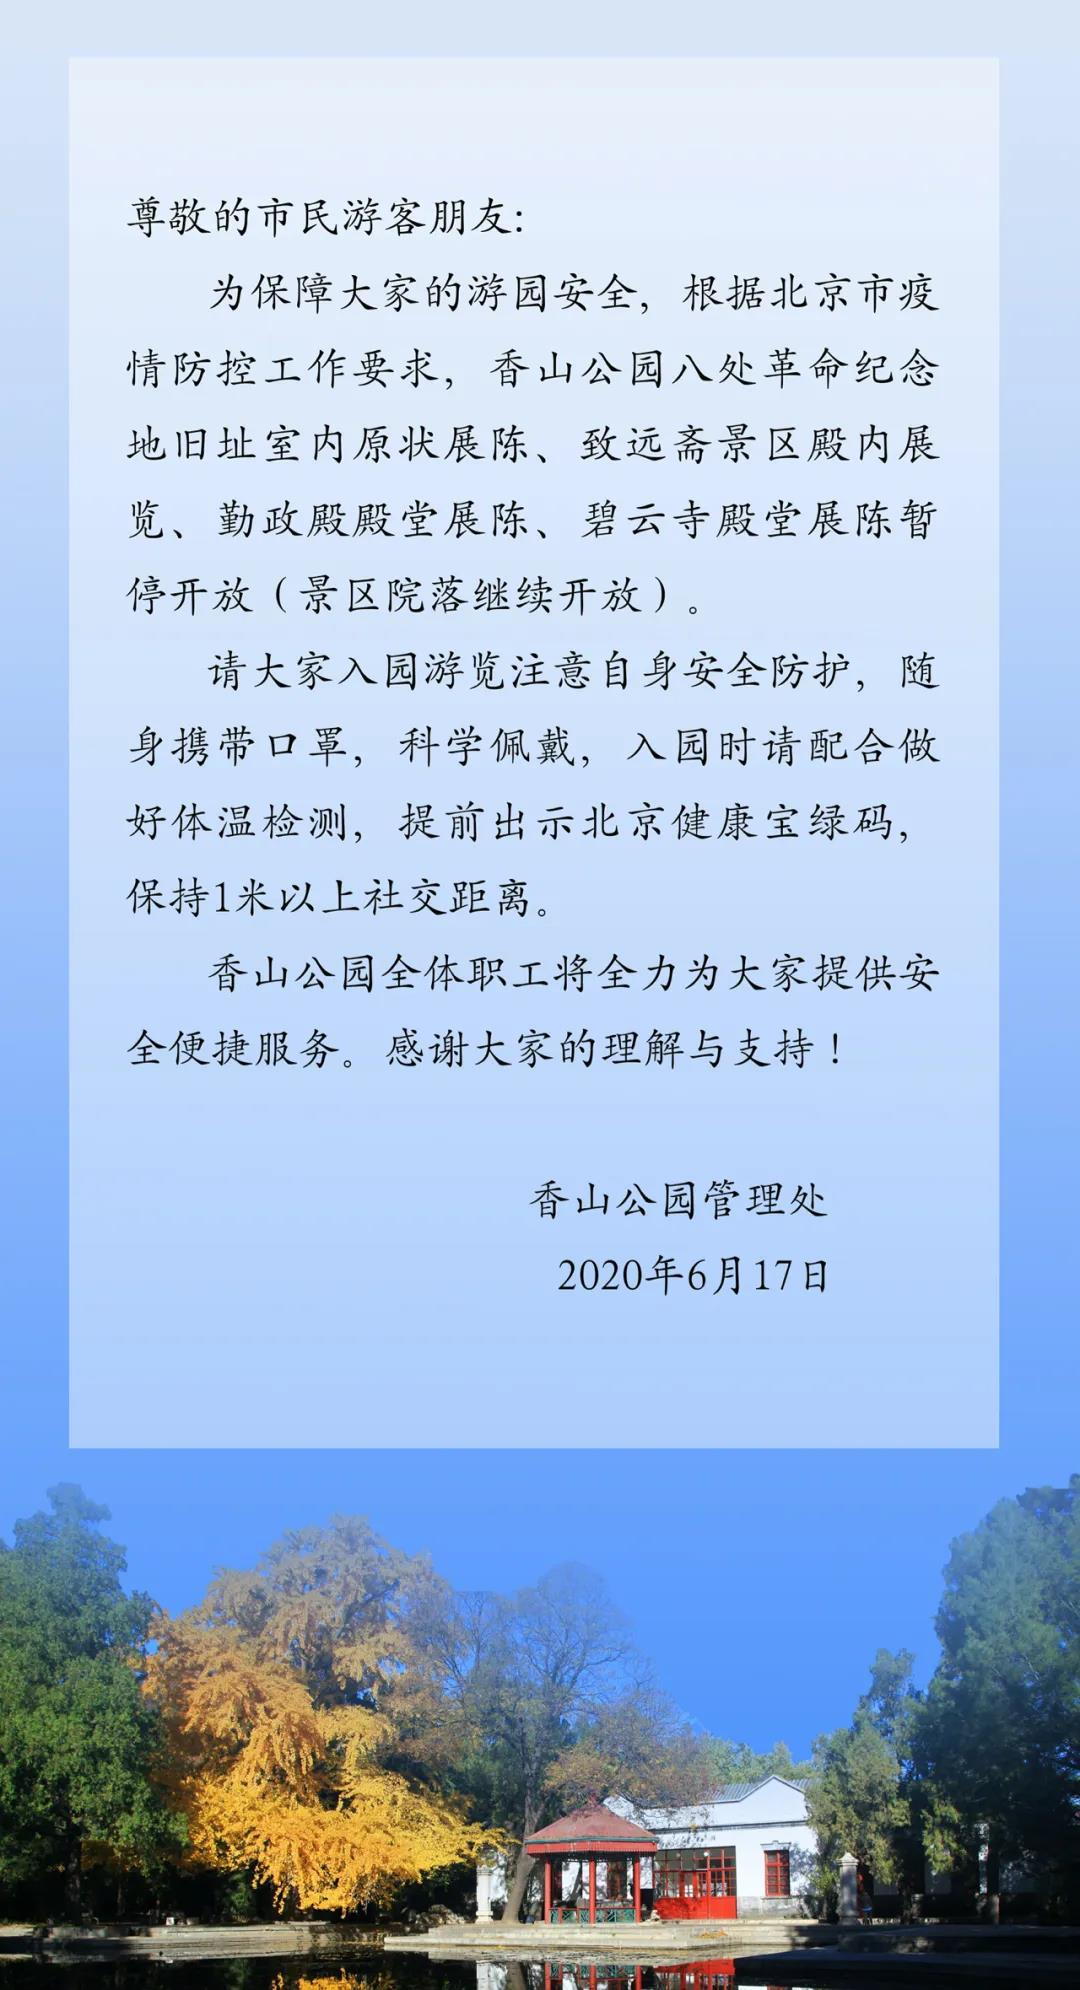 受疫情影响 北京香山公园暂停开放室内展厅